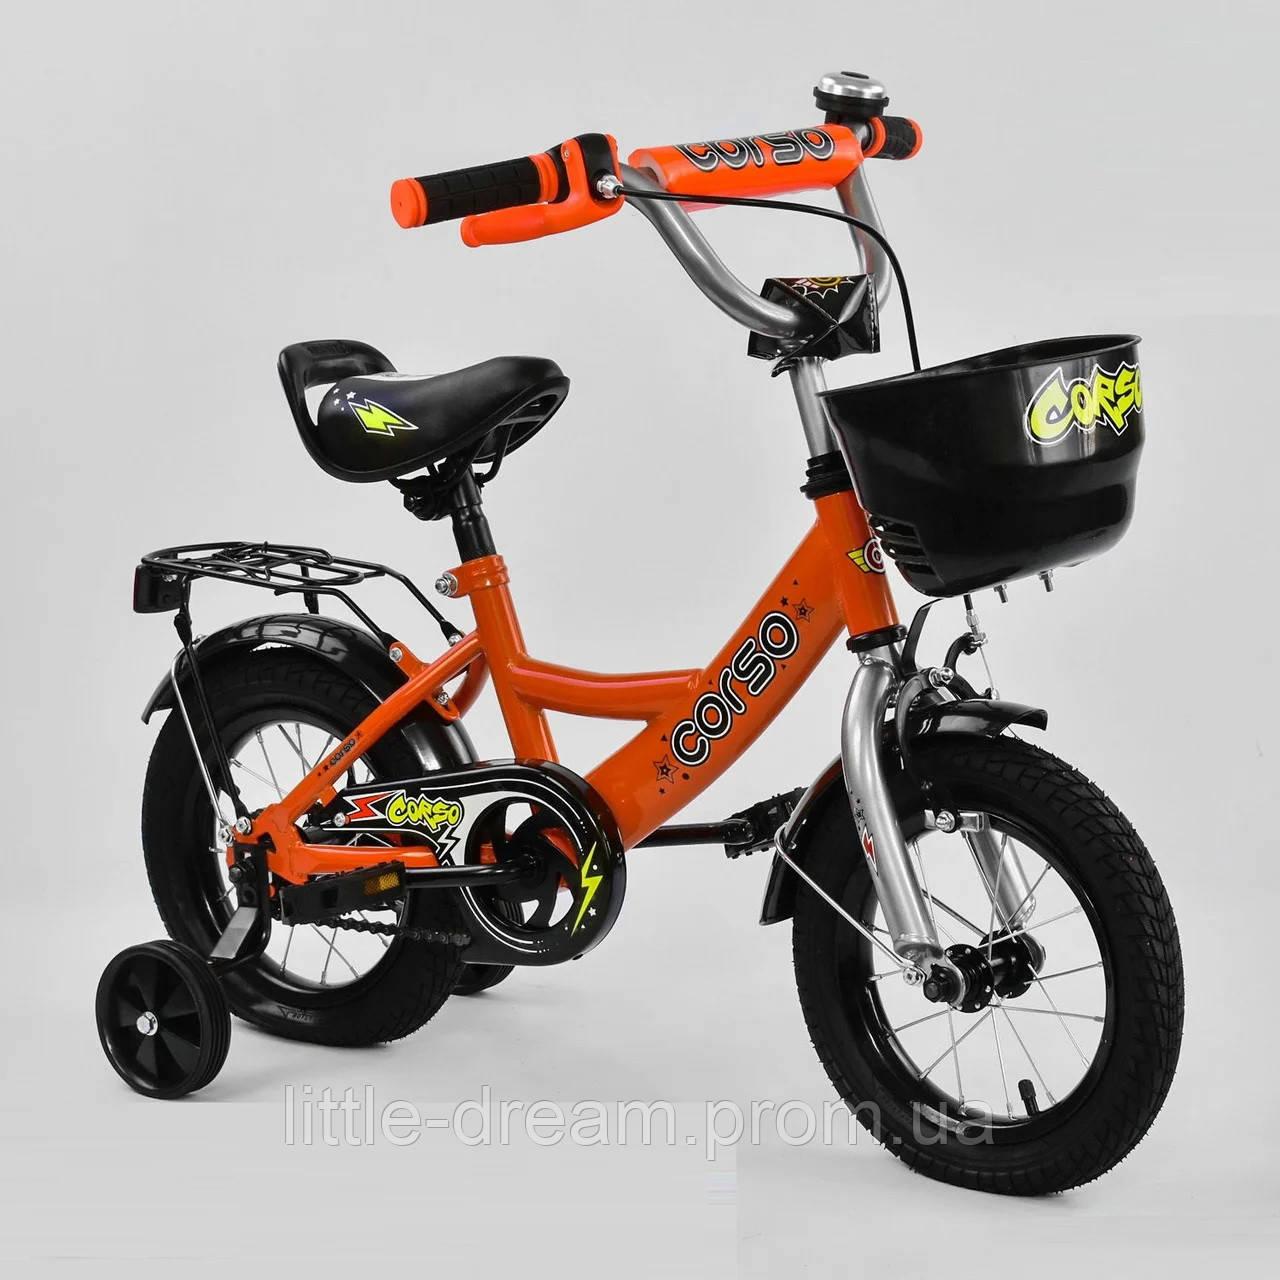 """Детский двухколёсный велосипед 12"""" с ручным тормозом и съемными страховочными колесами Corso G12220 оранжевый"""